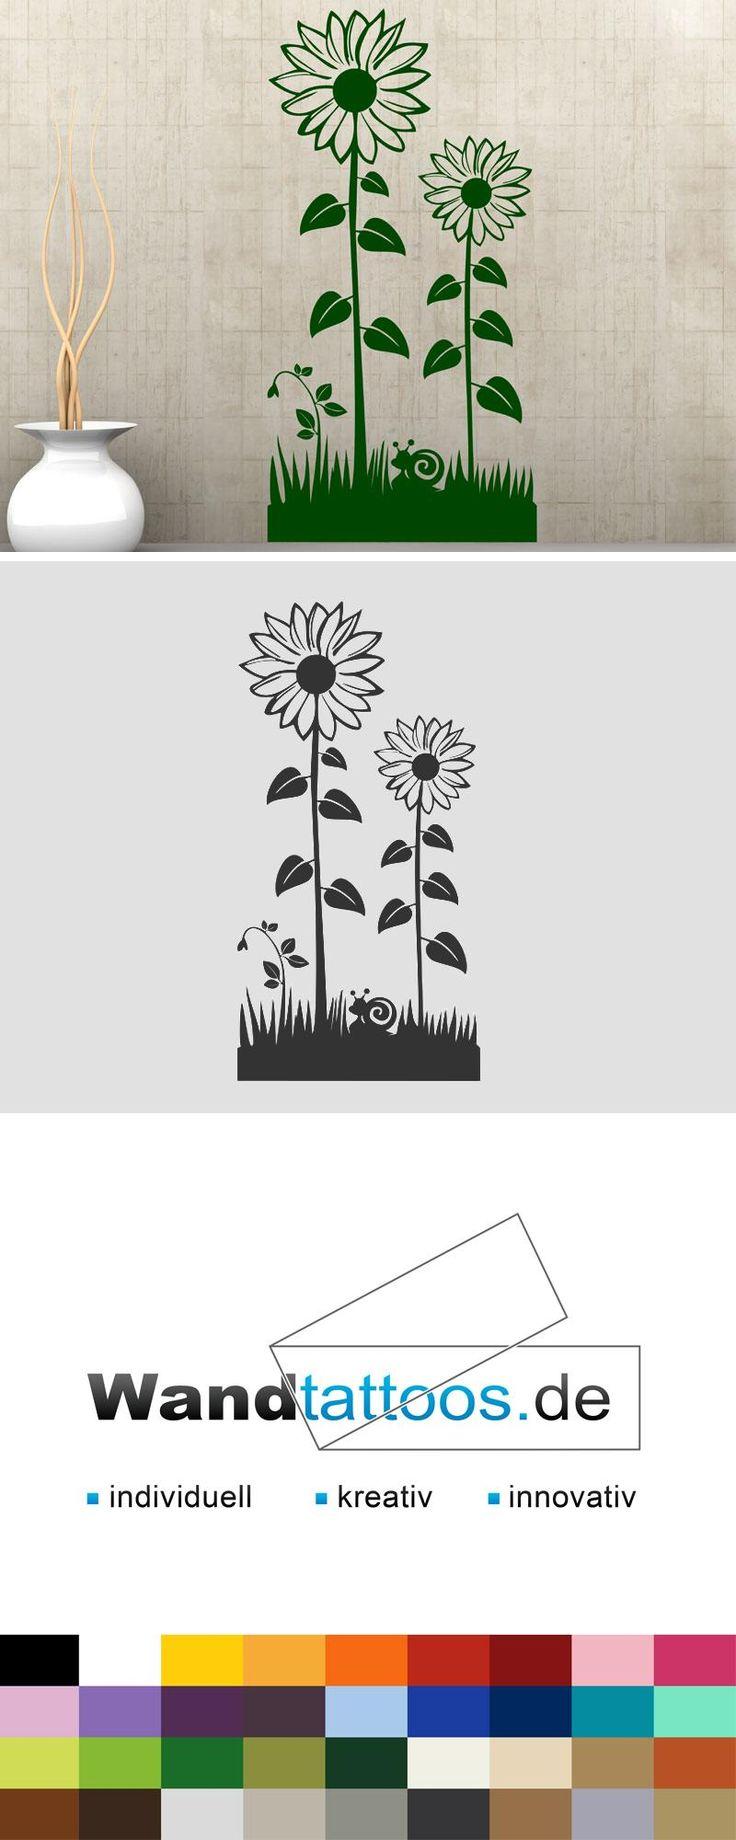 Wandtattoo Blumen Wiese mit Sonnenblumen als Idee zur individuellen Wandgestaltung. Einfach Lieblingsfarbe und Größe auswählen. Weitere kreative Anregungen von Wandtattoos.de hier entdecken!